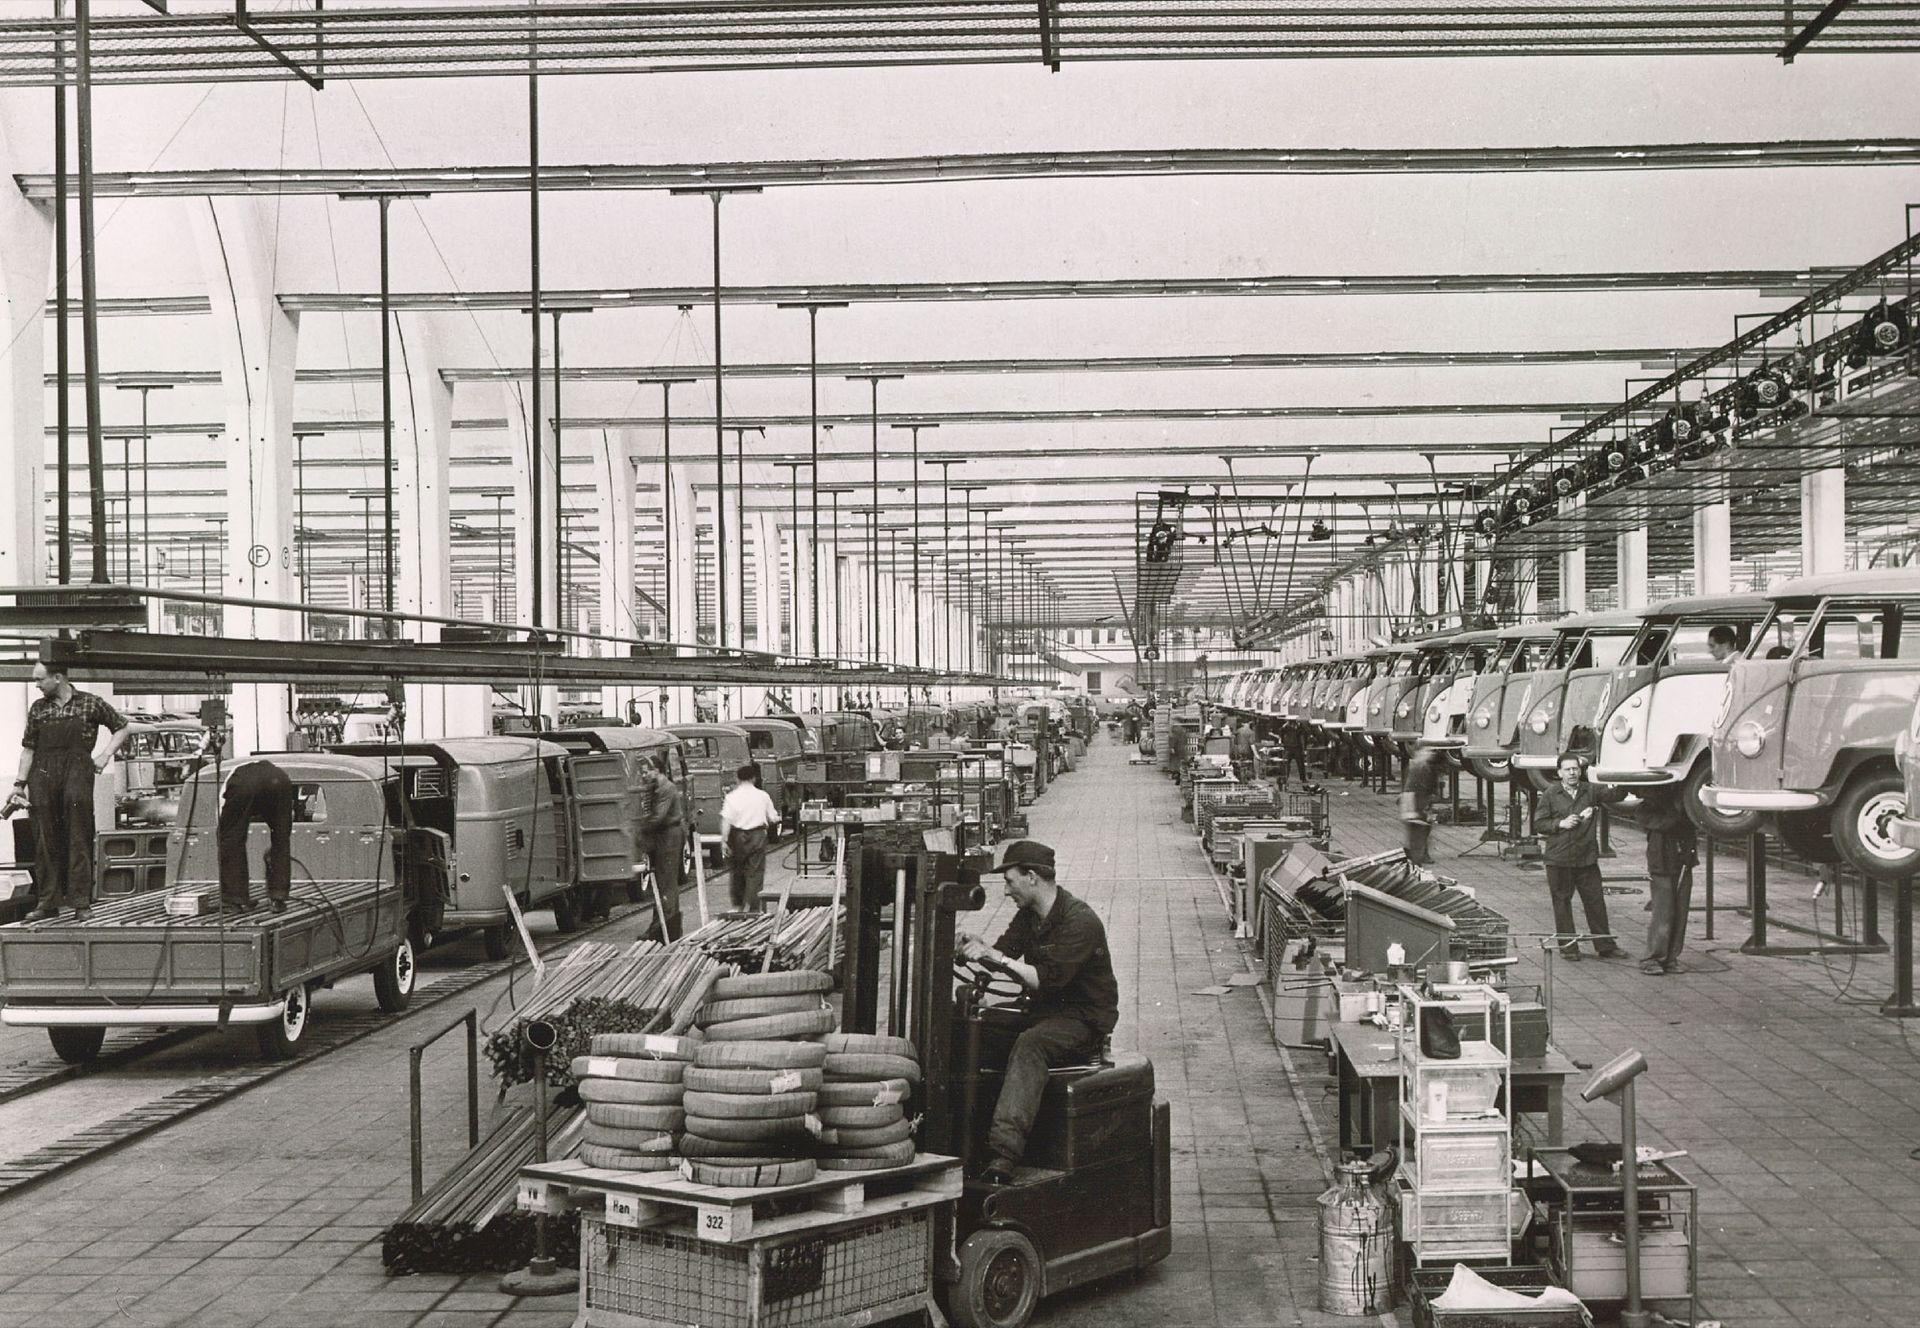 Tut i luren! 65 år sedan den första folkabussen byggdes!